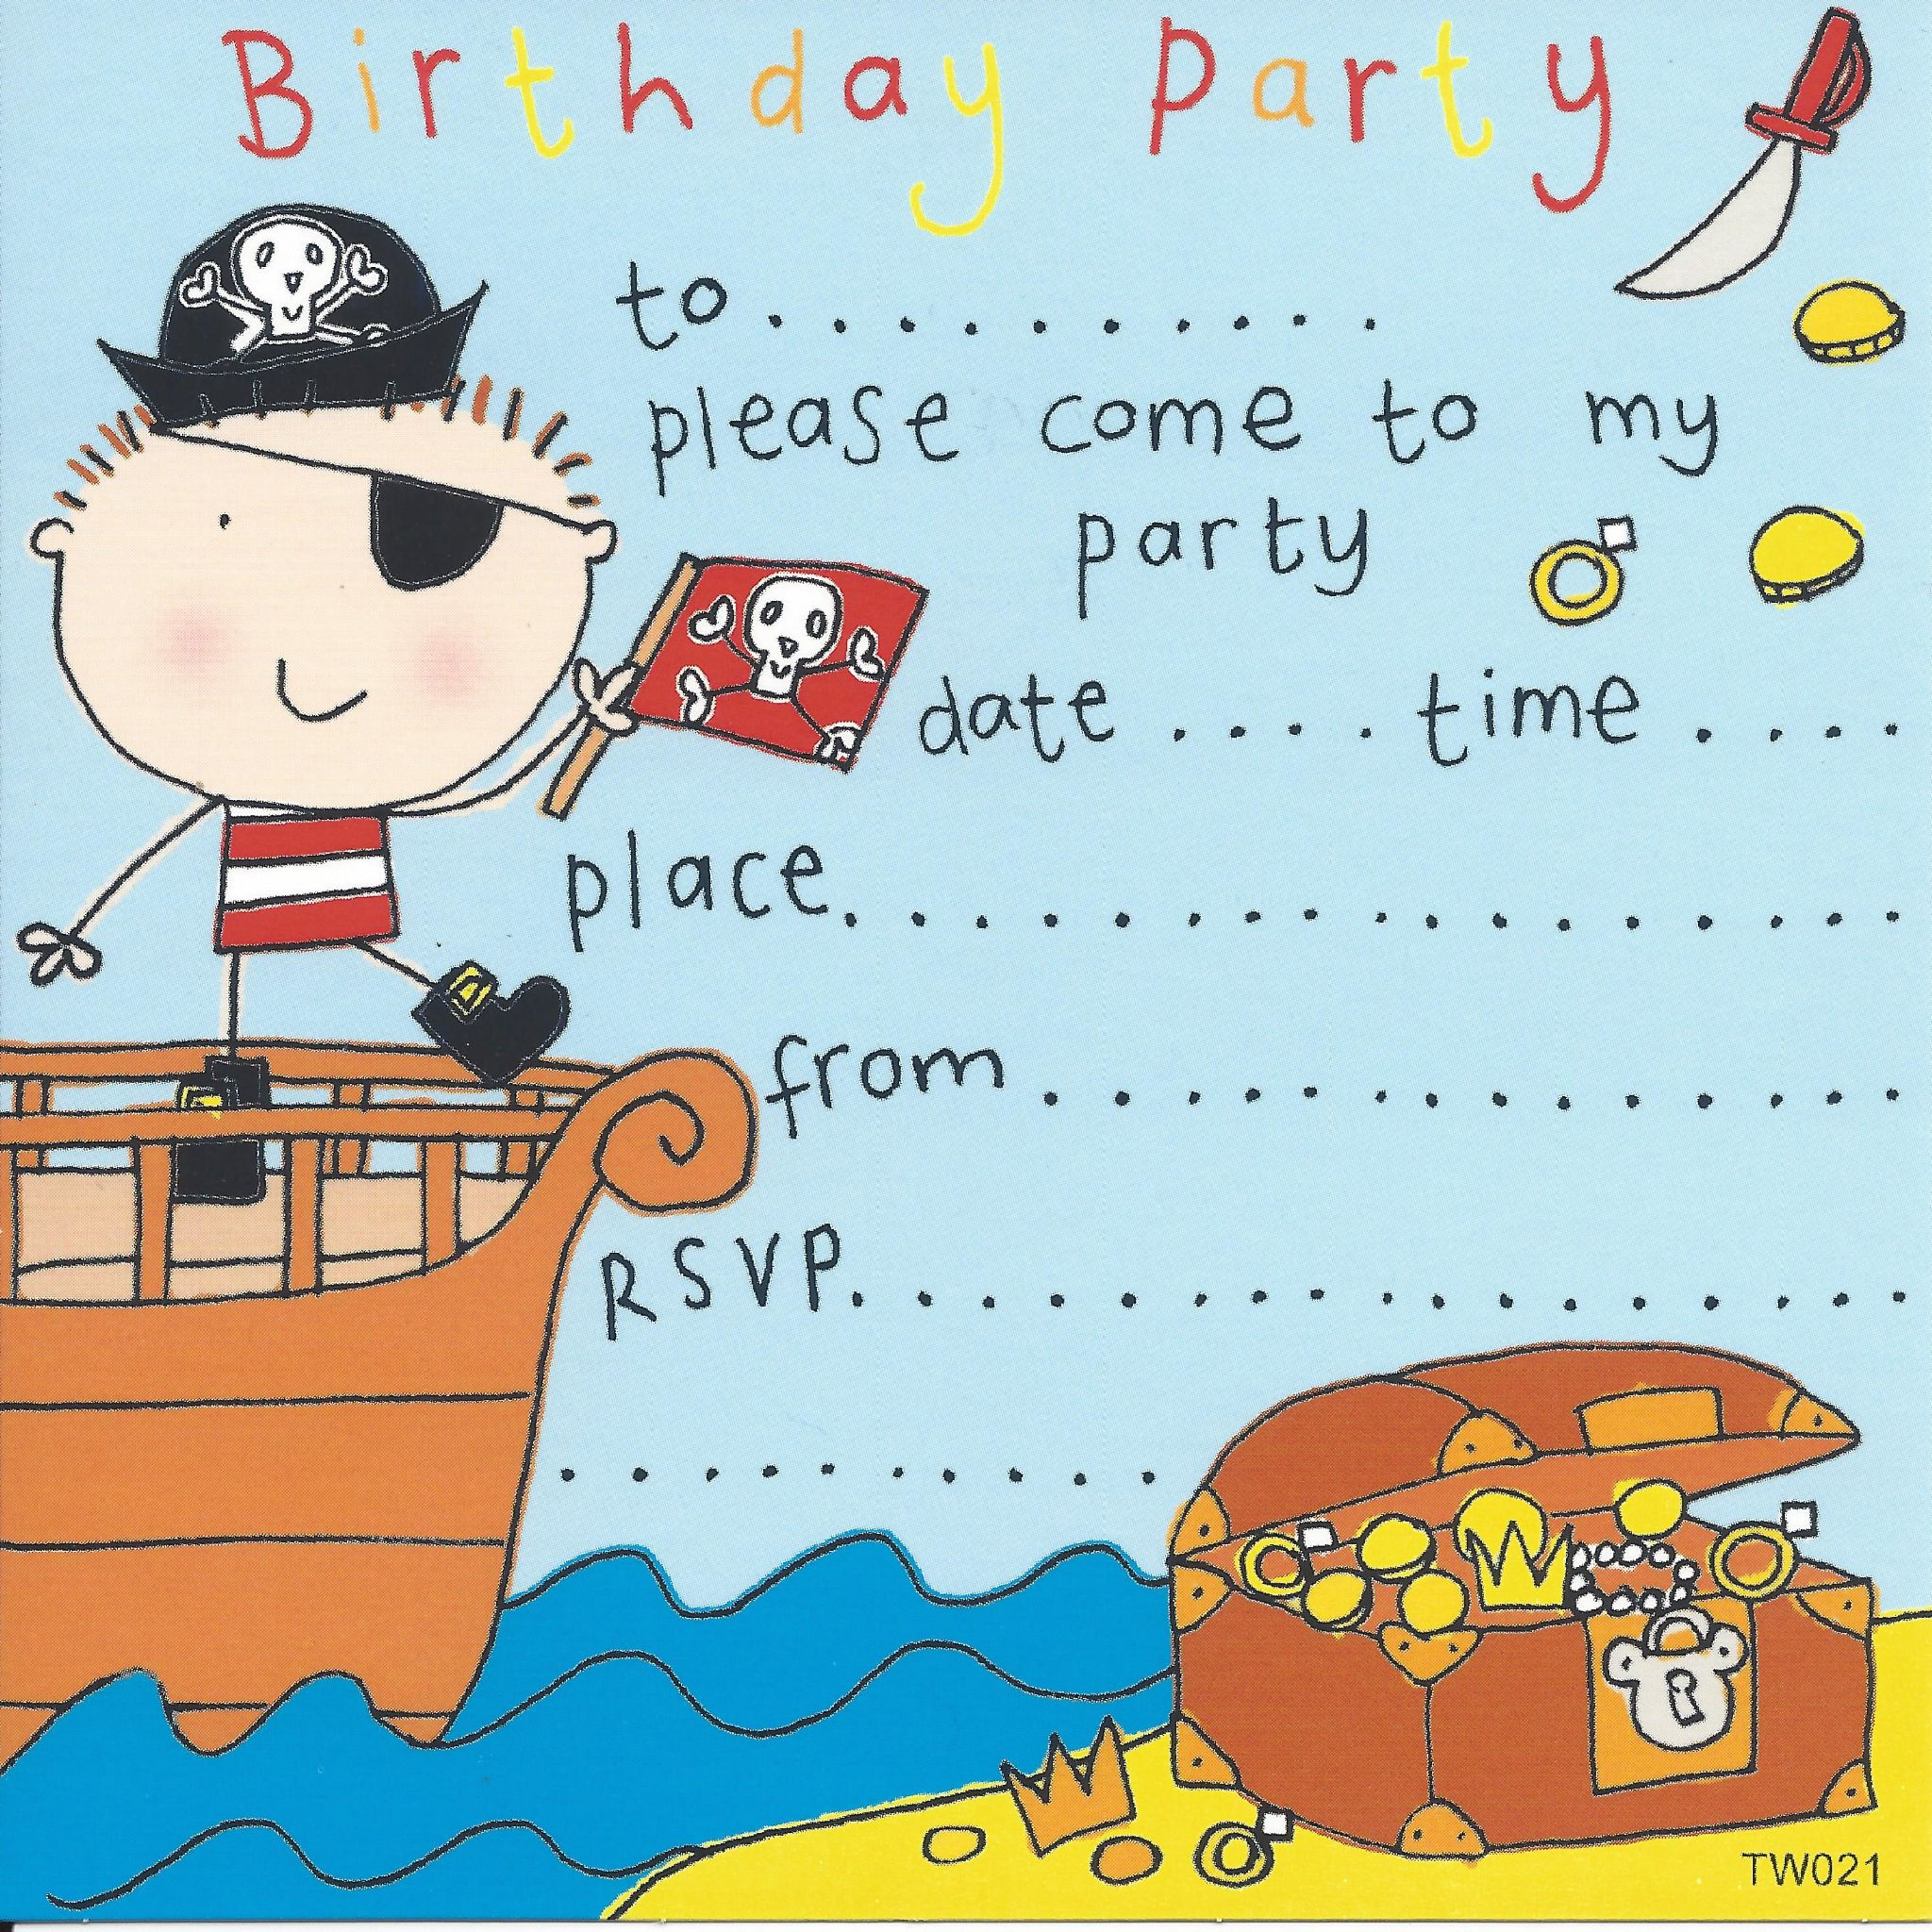 Pirate Children's Party Invitation.